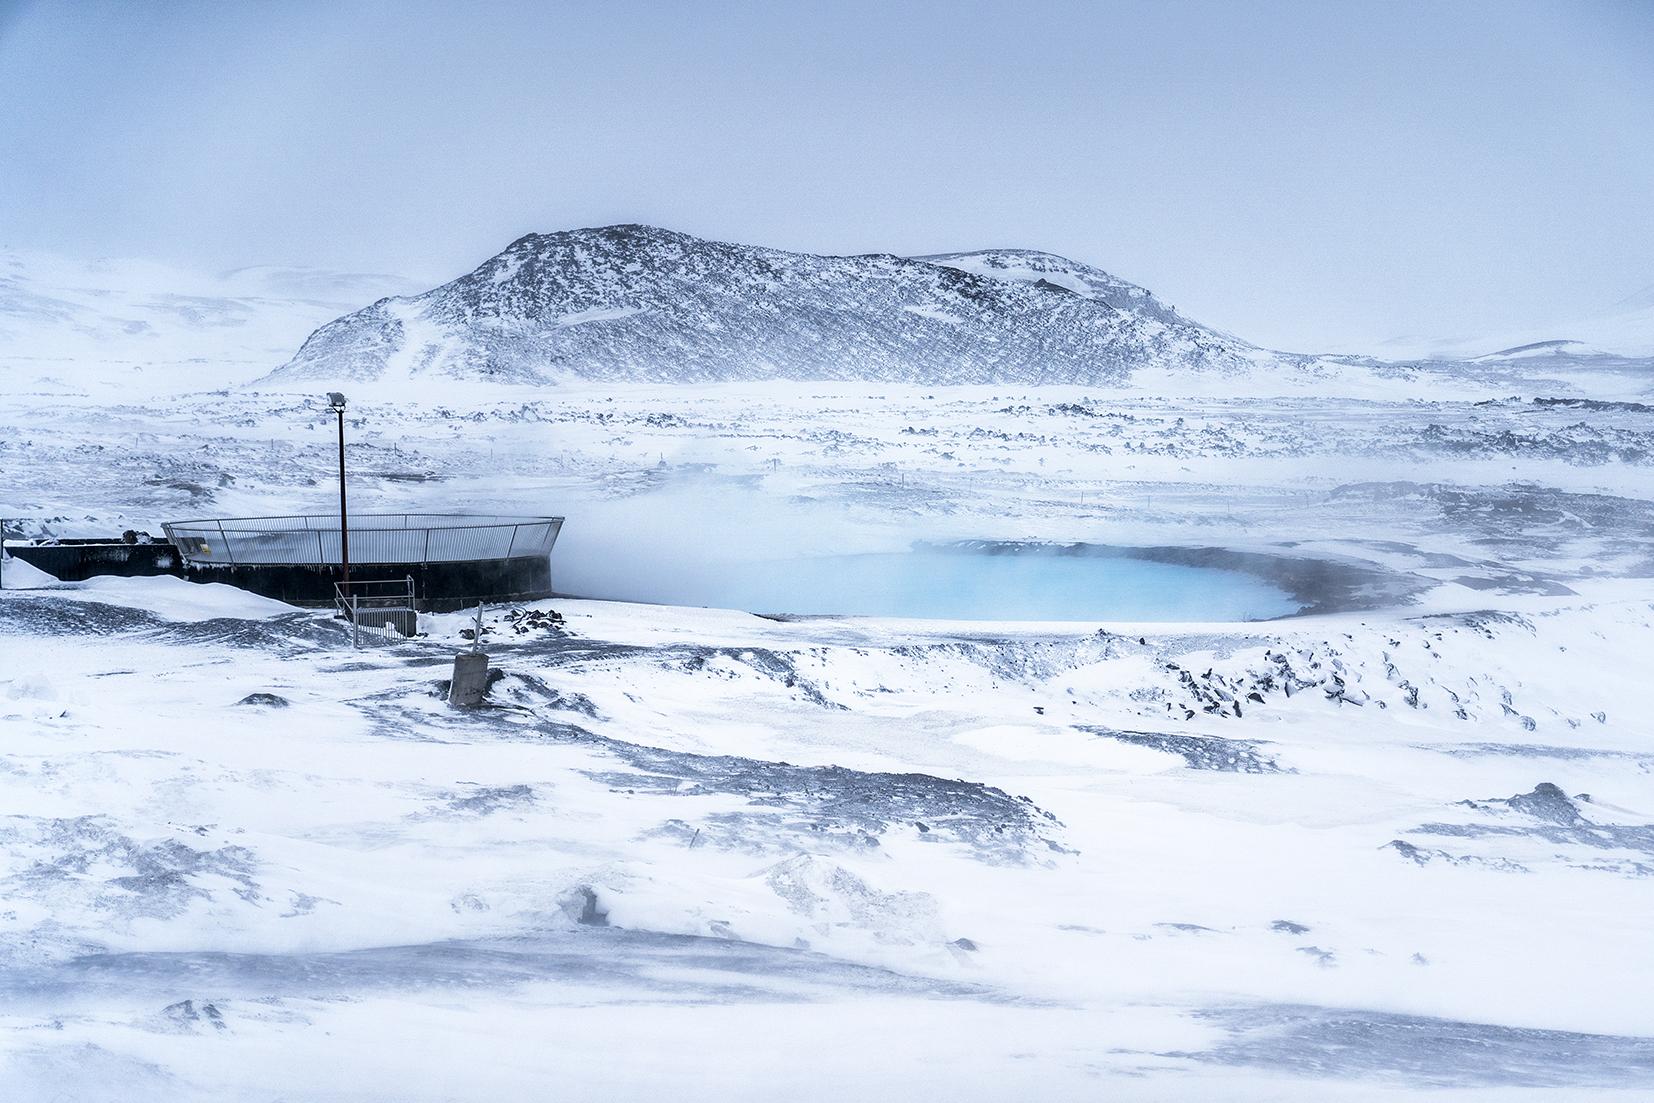 Mývatn Nature Baths joiur sources eau soufre fume montagnes Islande du Nord